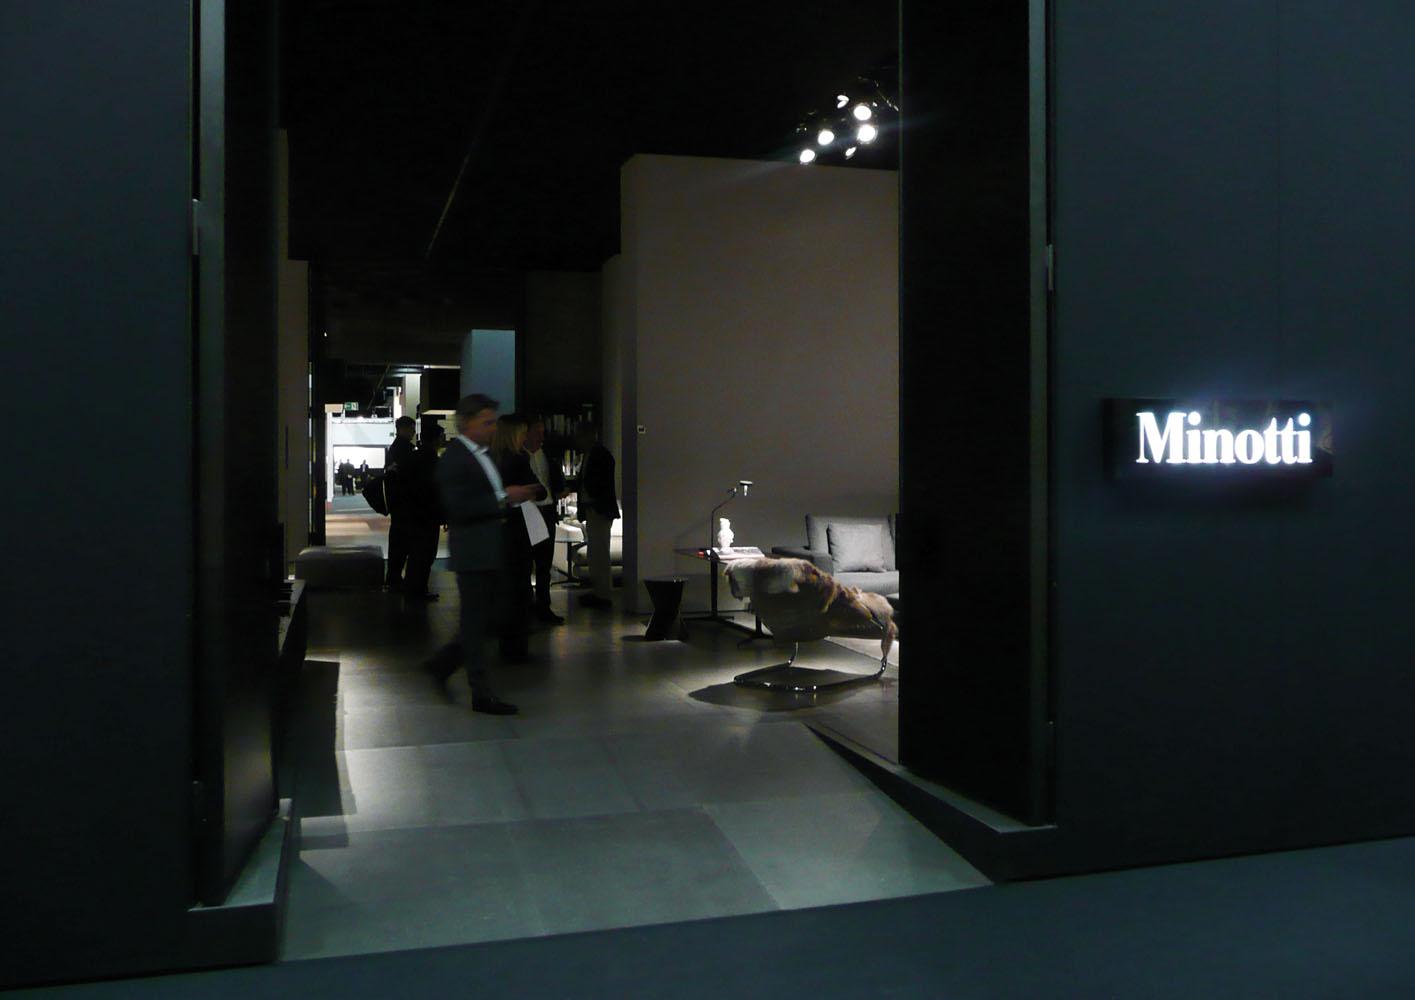 minotti @ imm cologne jan 2011